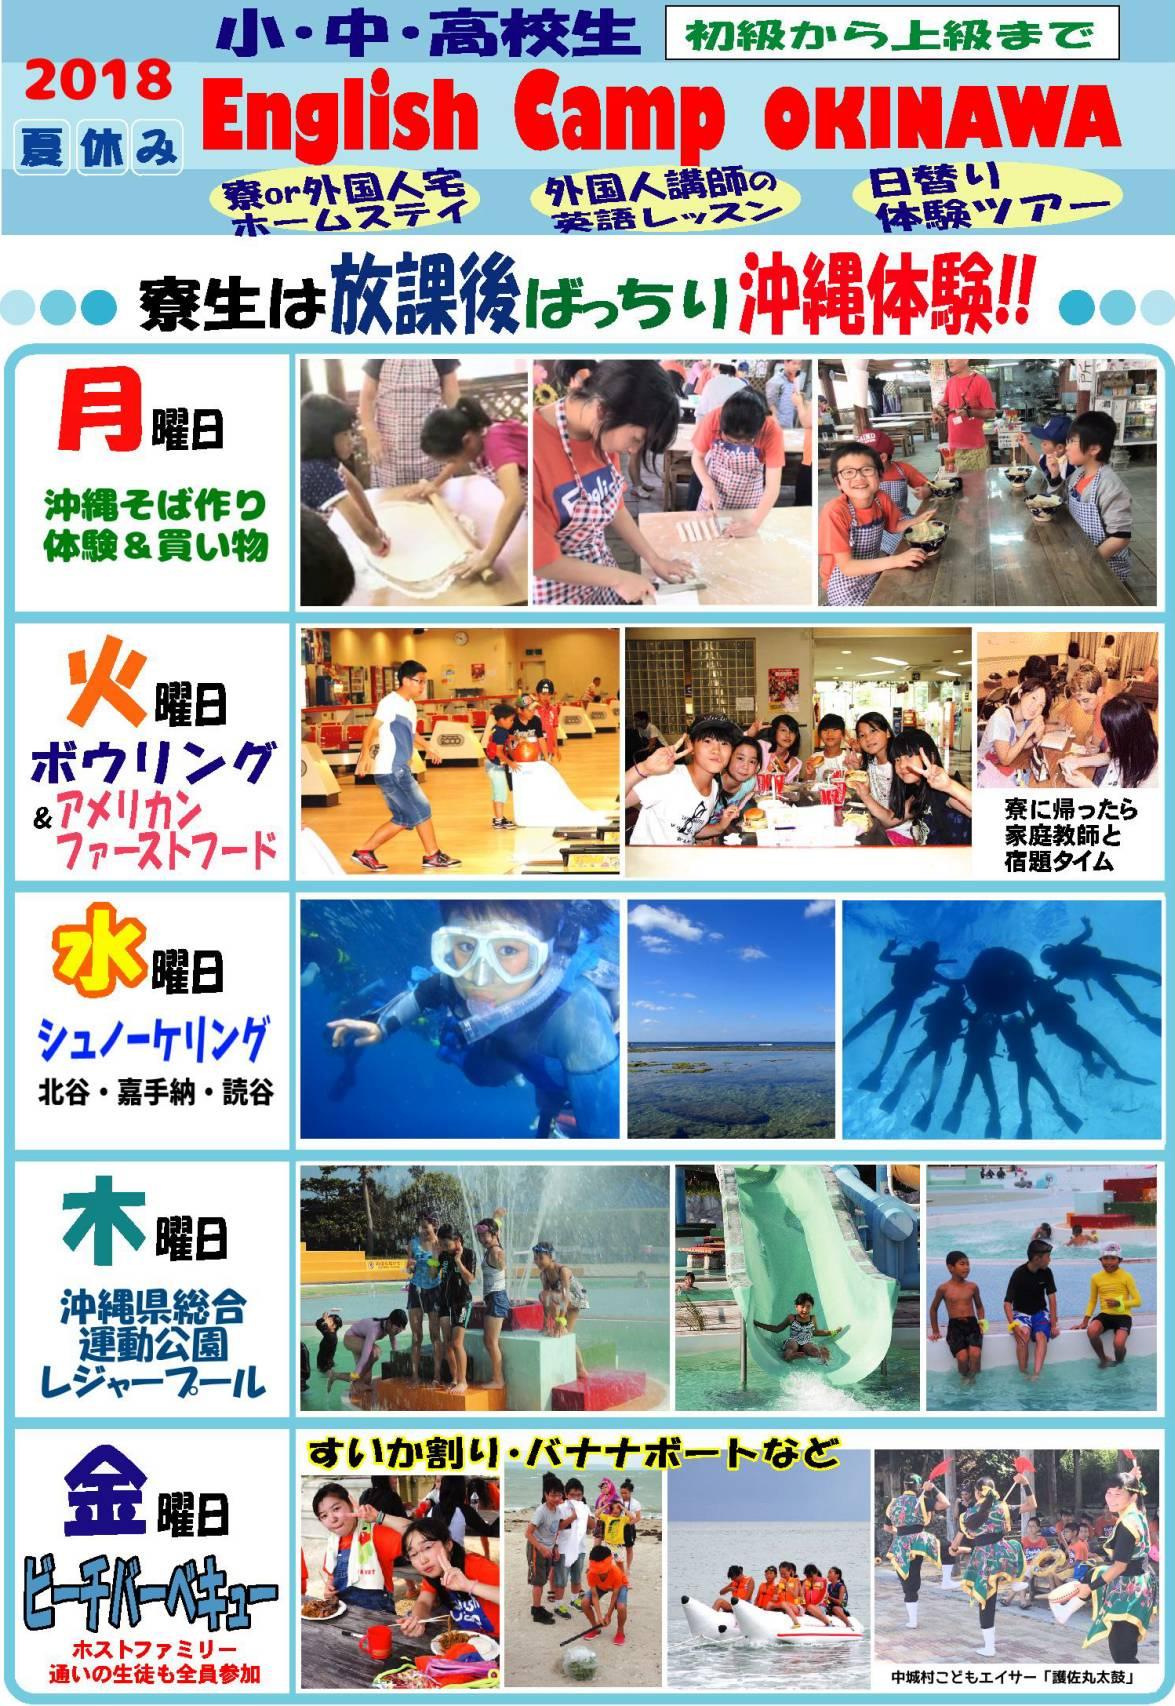 参加生徒は毎年約300を数え、日本各地からはもちろん、韓国・台湾・中国・ロシアなどの海外からの方たちもおられ、毎年高いリピーター率を誇る大人気プログラムです。  参加生徒様は、キャンプの間、寮またはホームステイに宿泊します。  ネイティブ外国人講師による英語レッスンを頑張ったあとは、沖縄・外国文化の双方を体験できる時間が待っています!